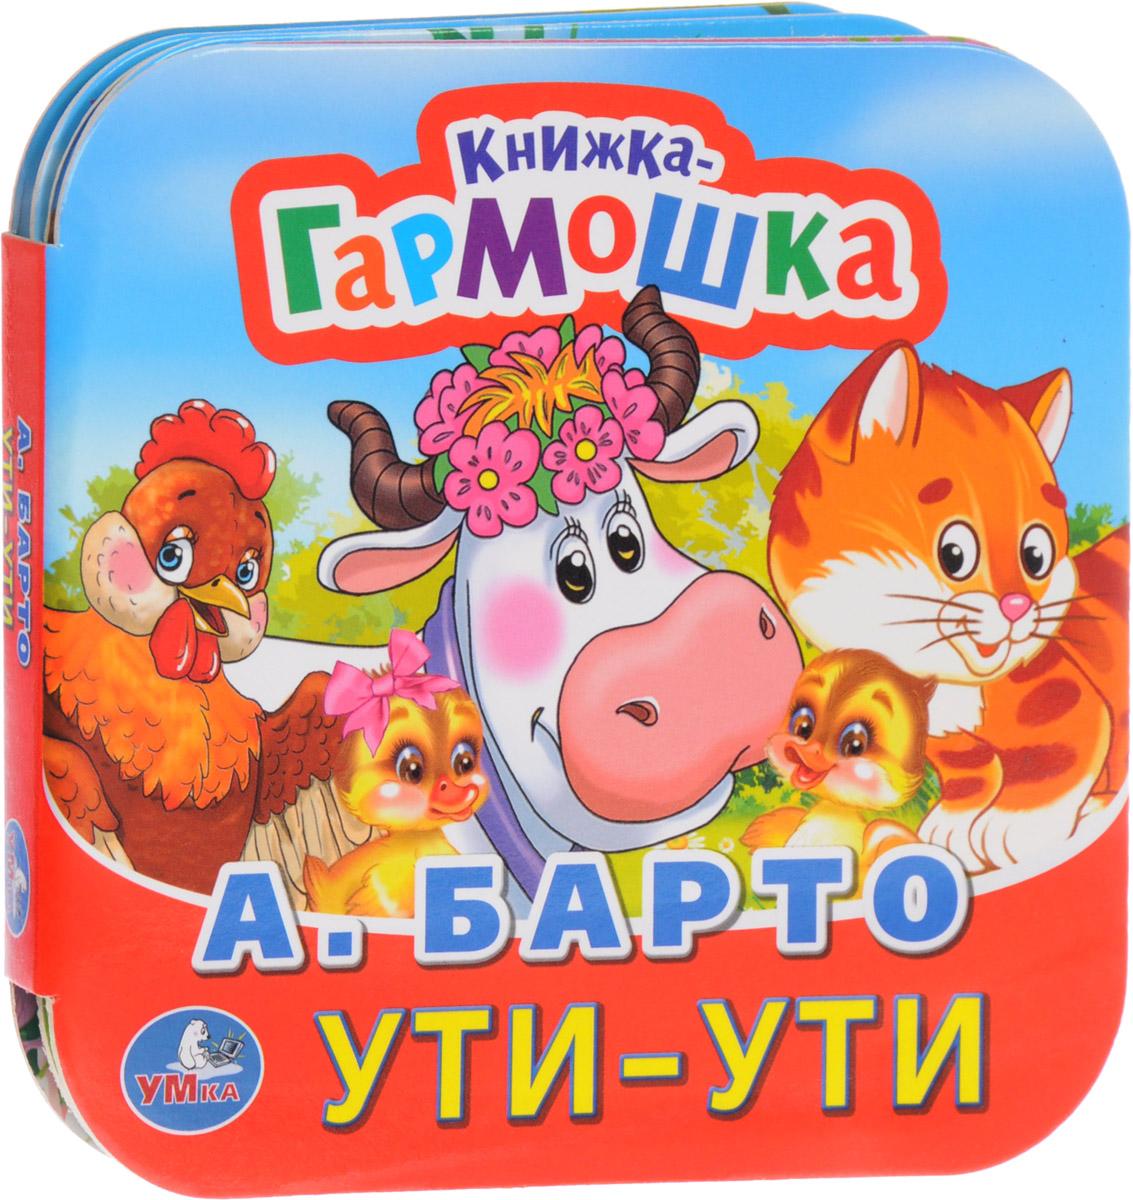 А. Барто Ути-ути животные полюсов книжка гармошка